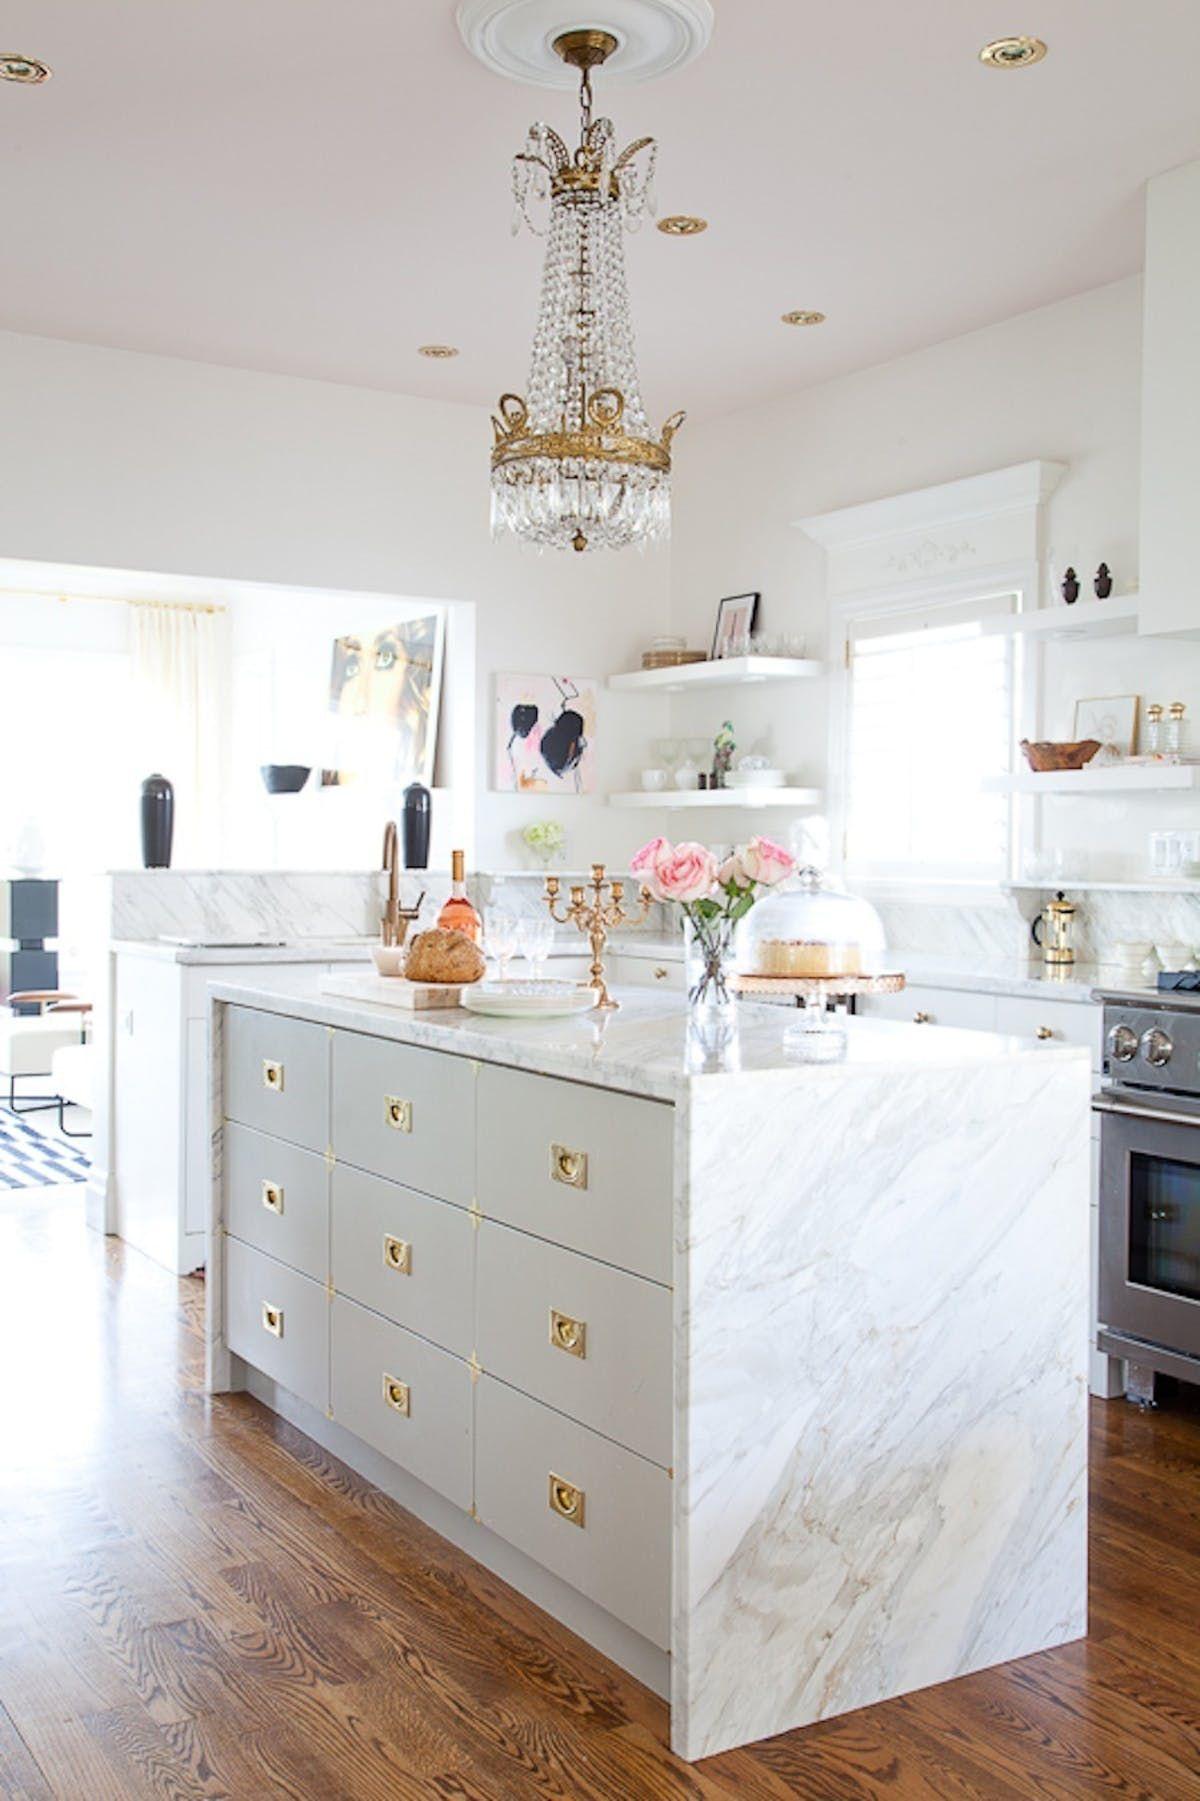 Phụ kiện trang trí cần thiết để tạo nên một phòng bếp quyến rũ - Ảnh 8.